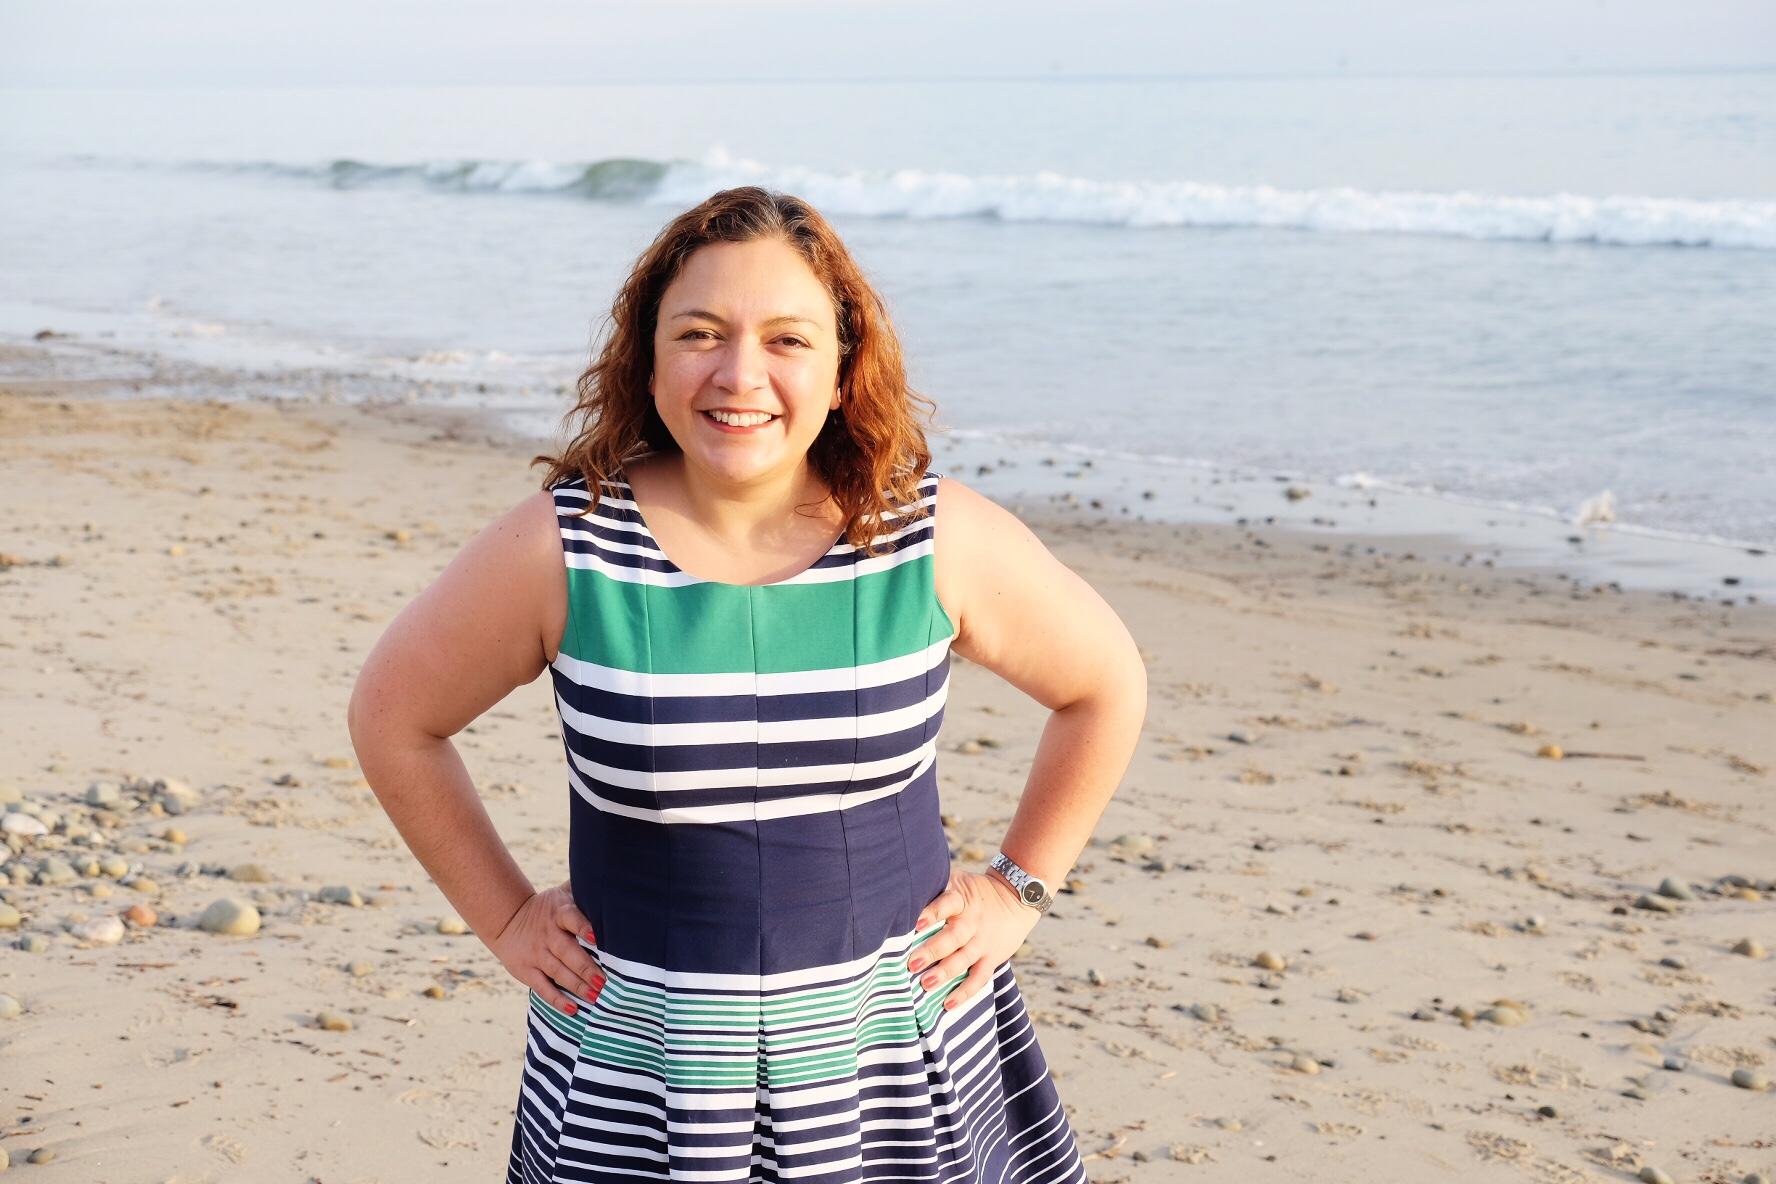 Todas las Fotografías, cortesía de mi coach Lisa Fabrega (una latina!   !)